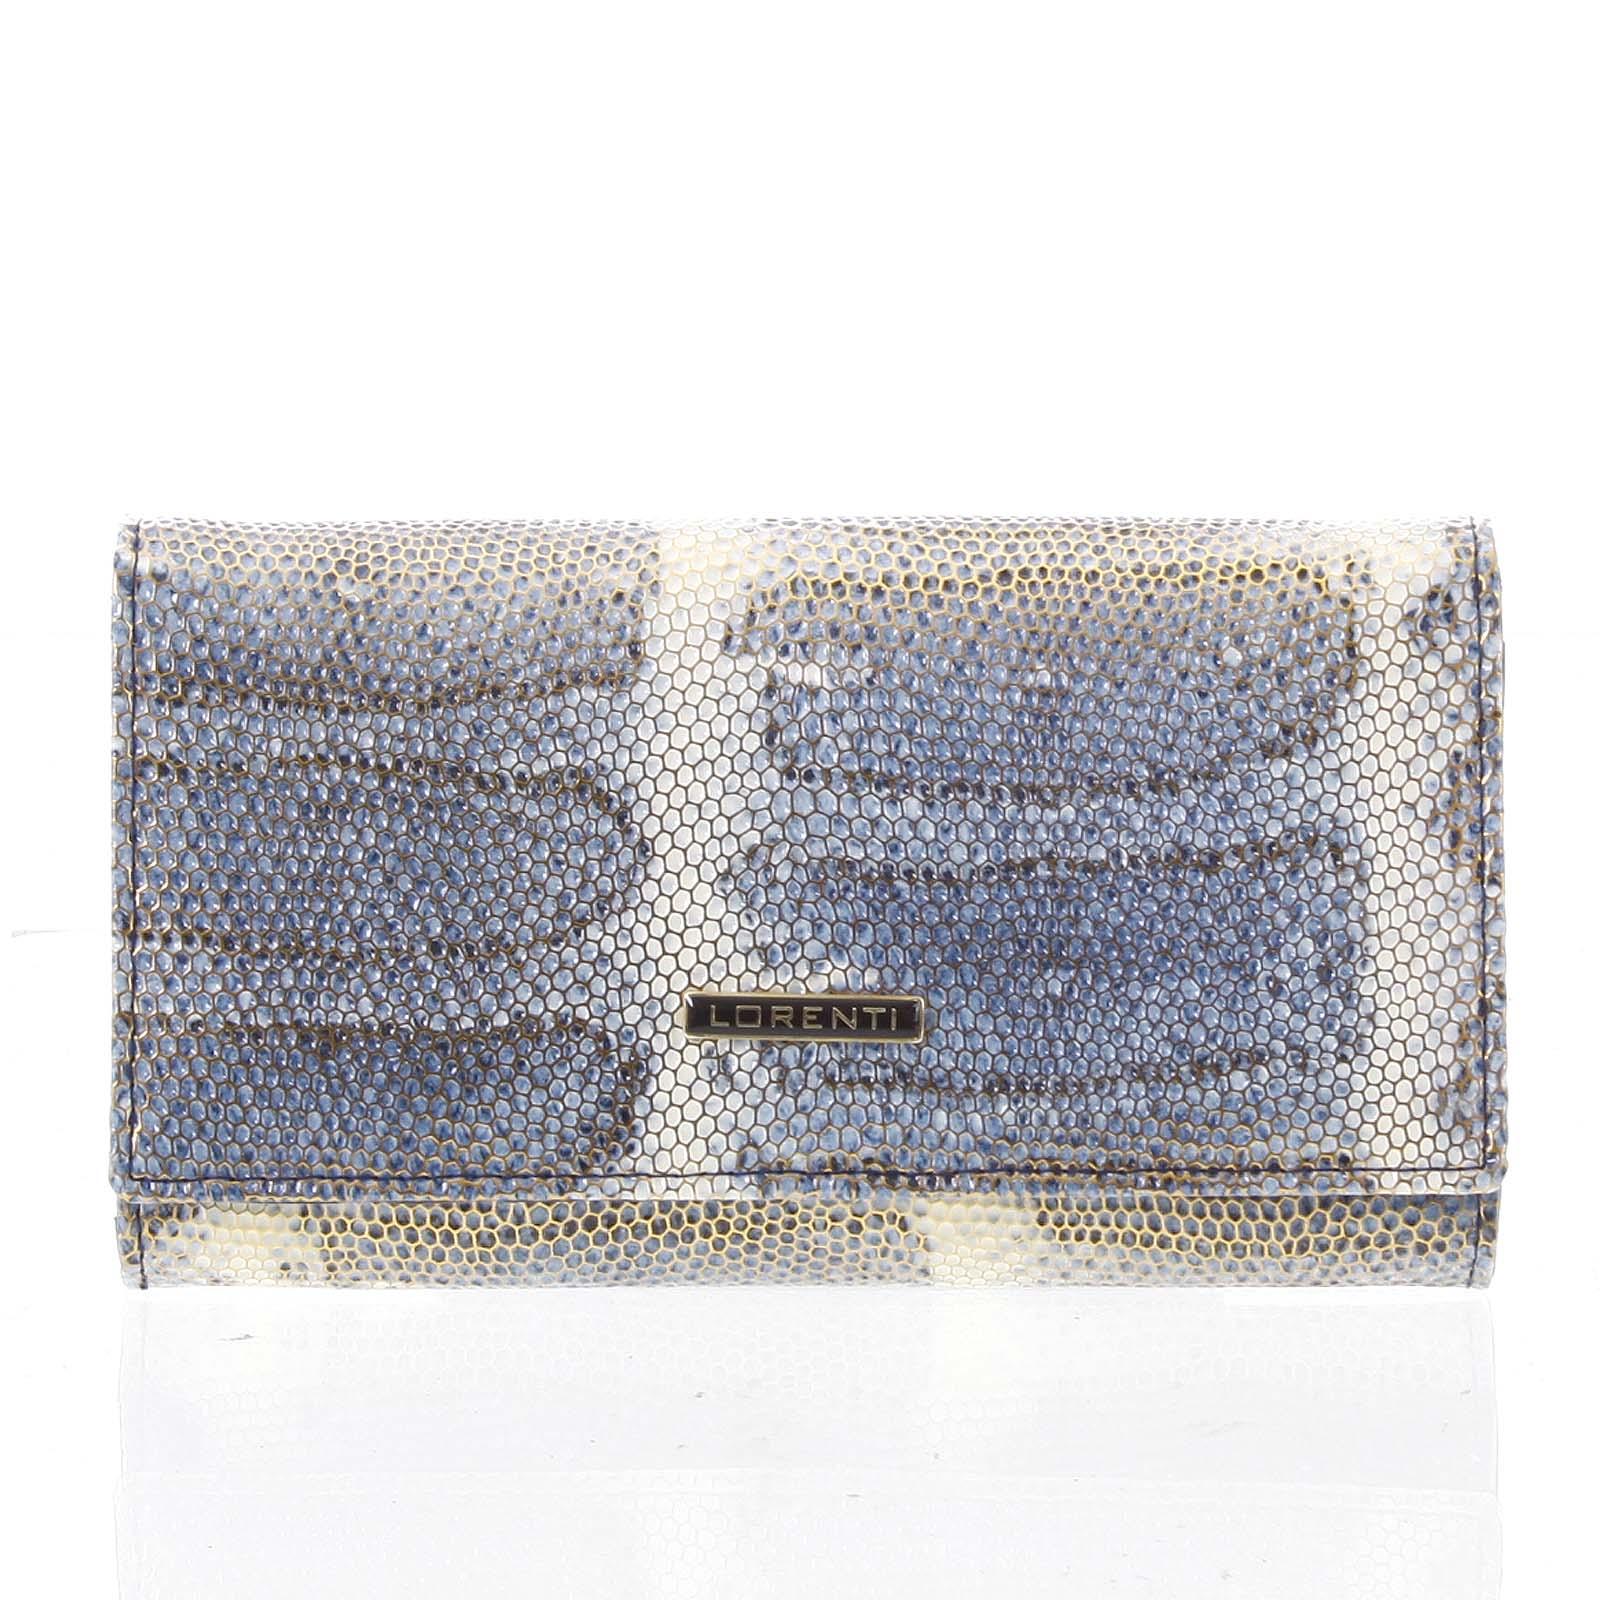 Luxusní hadí kožená modrá peněženka s odleskem - Lorenti 114SH modrá